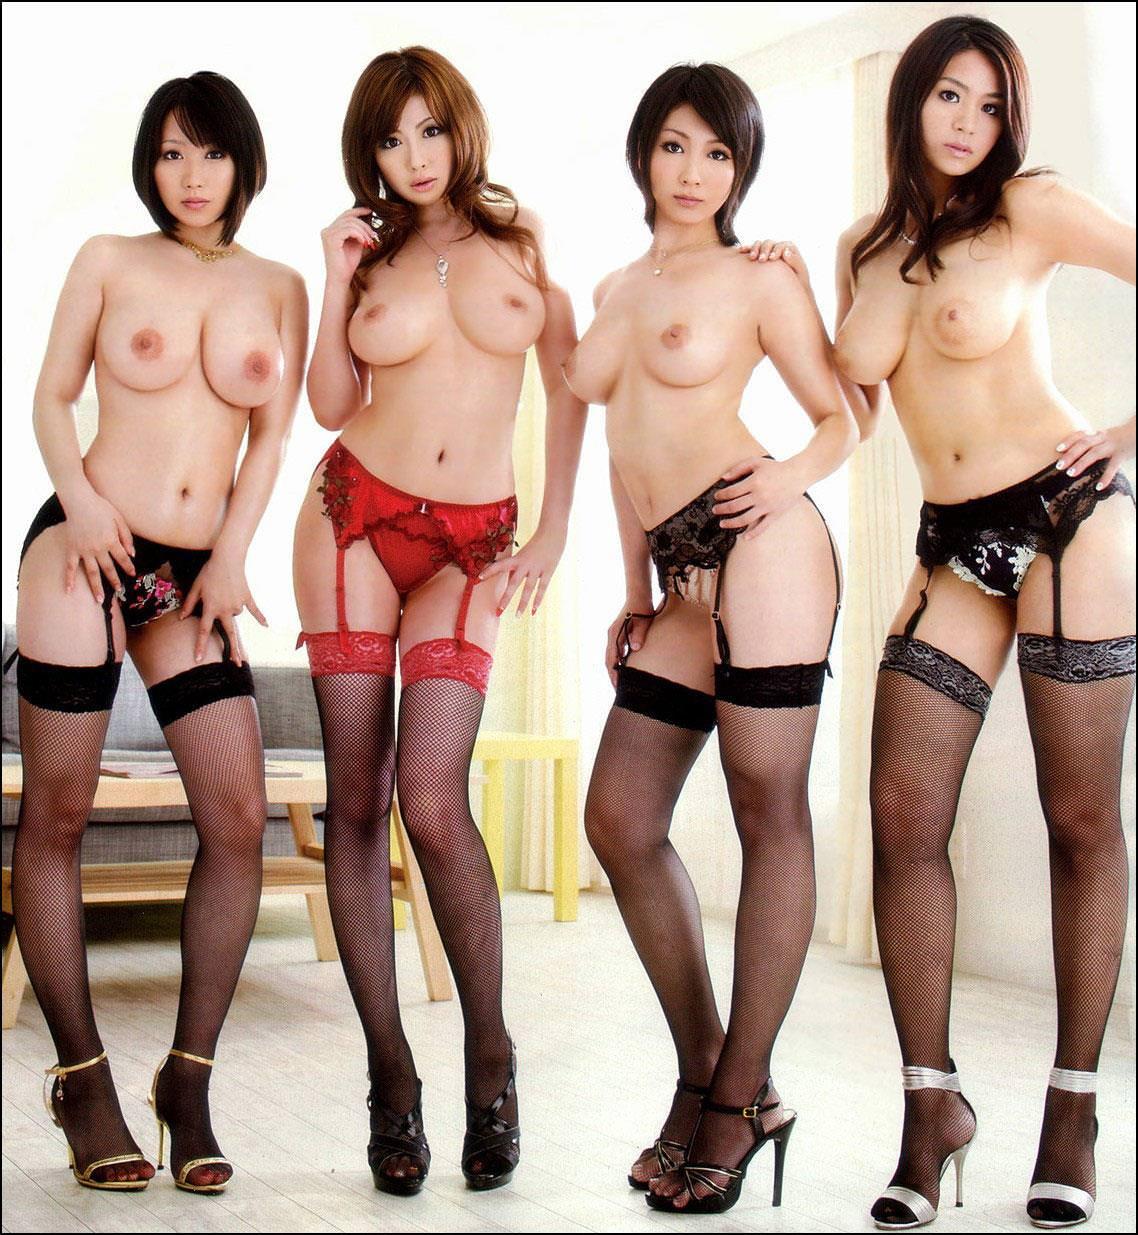 大人数の女性の全裸 4